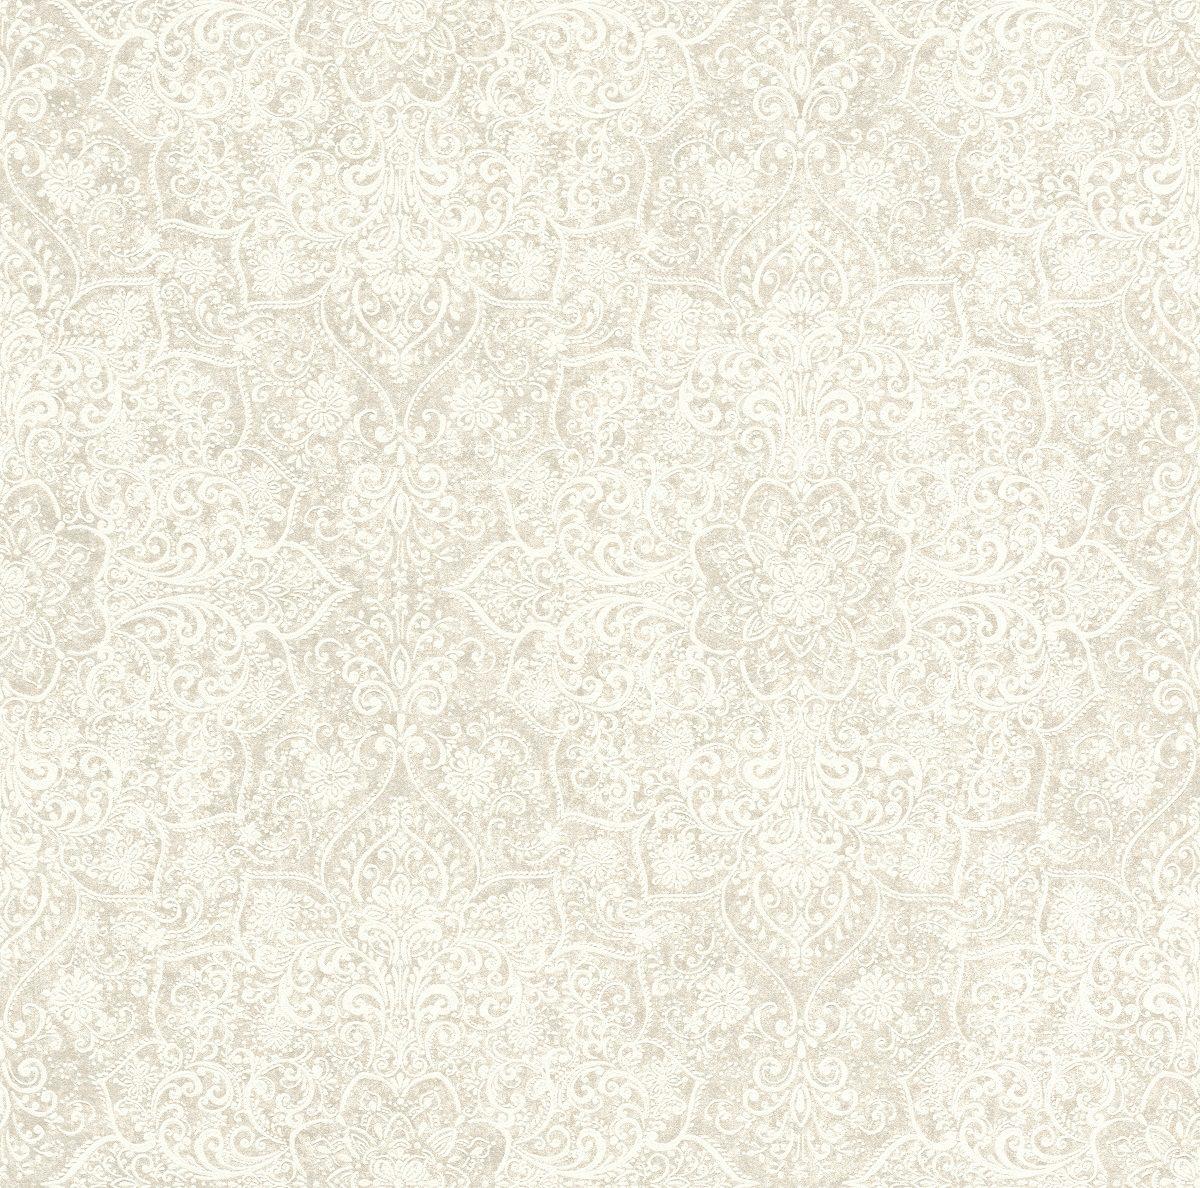 Papel mural diseño mandala mehndi blanco KERALA 551594 RASCH